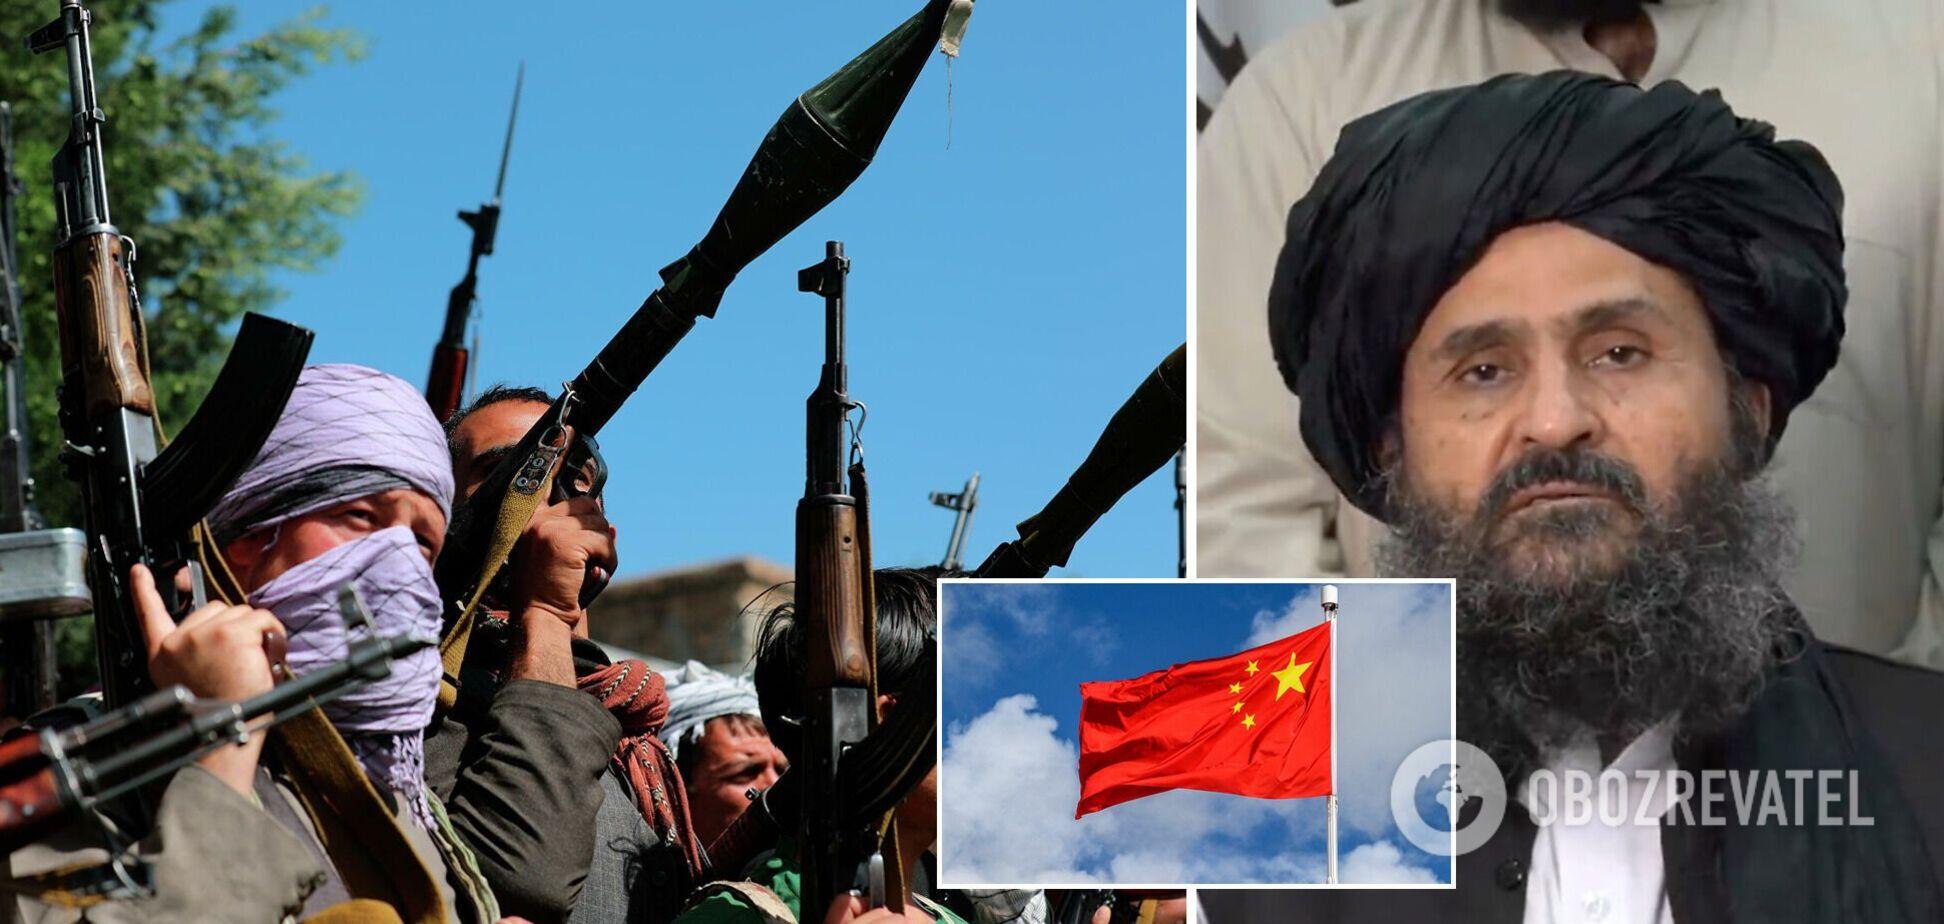 Виновник теракта в Кабуле и огромные потери талибов в Панджшере. Главное о ситуации в Афганистане